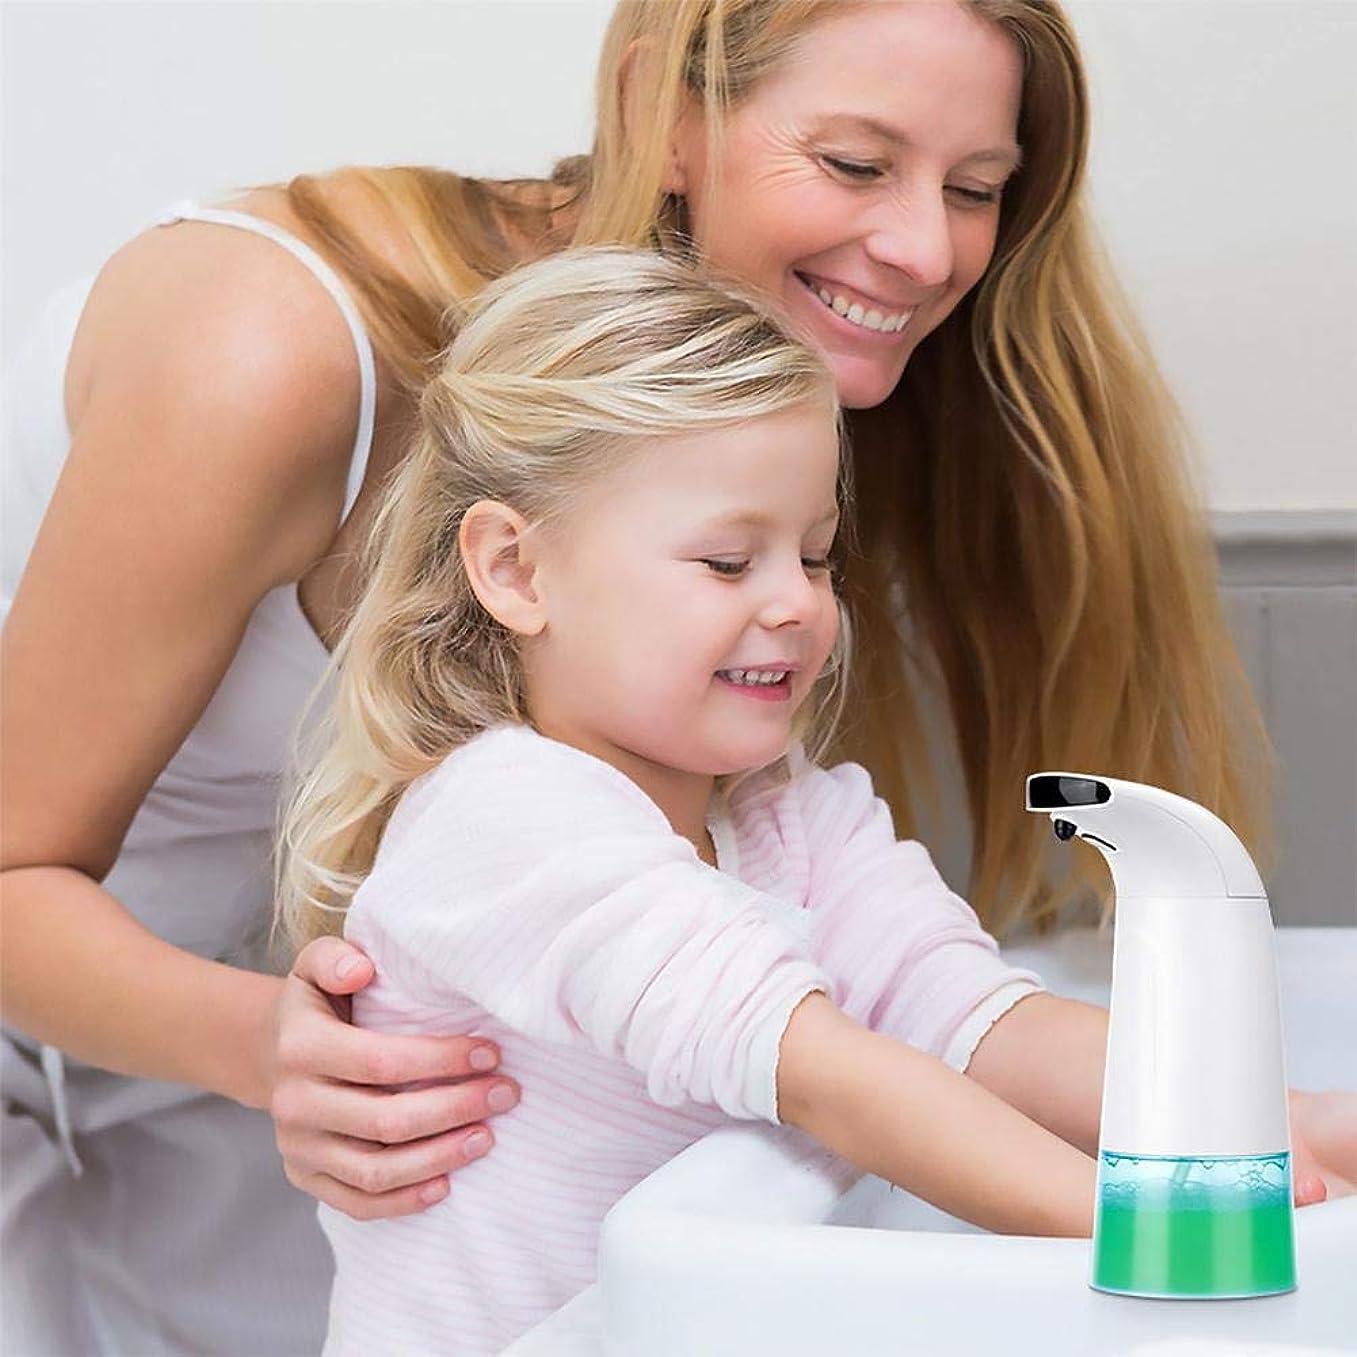 風邪をひく義務づける家事をするミューズ ノータッチスマート赤外線センシング自動泡ハンドソープ 殺菌 消毒 漏れ防止設計 キッチントイレ用